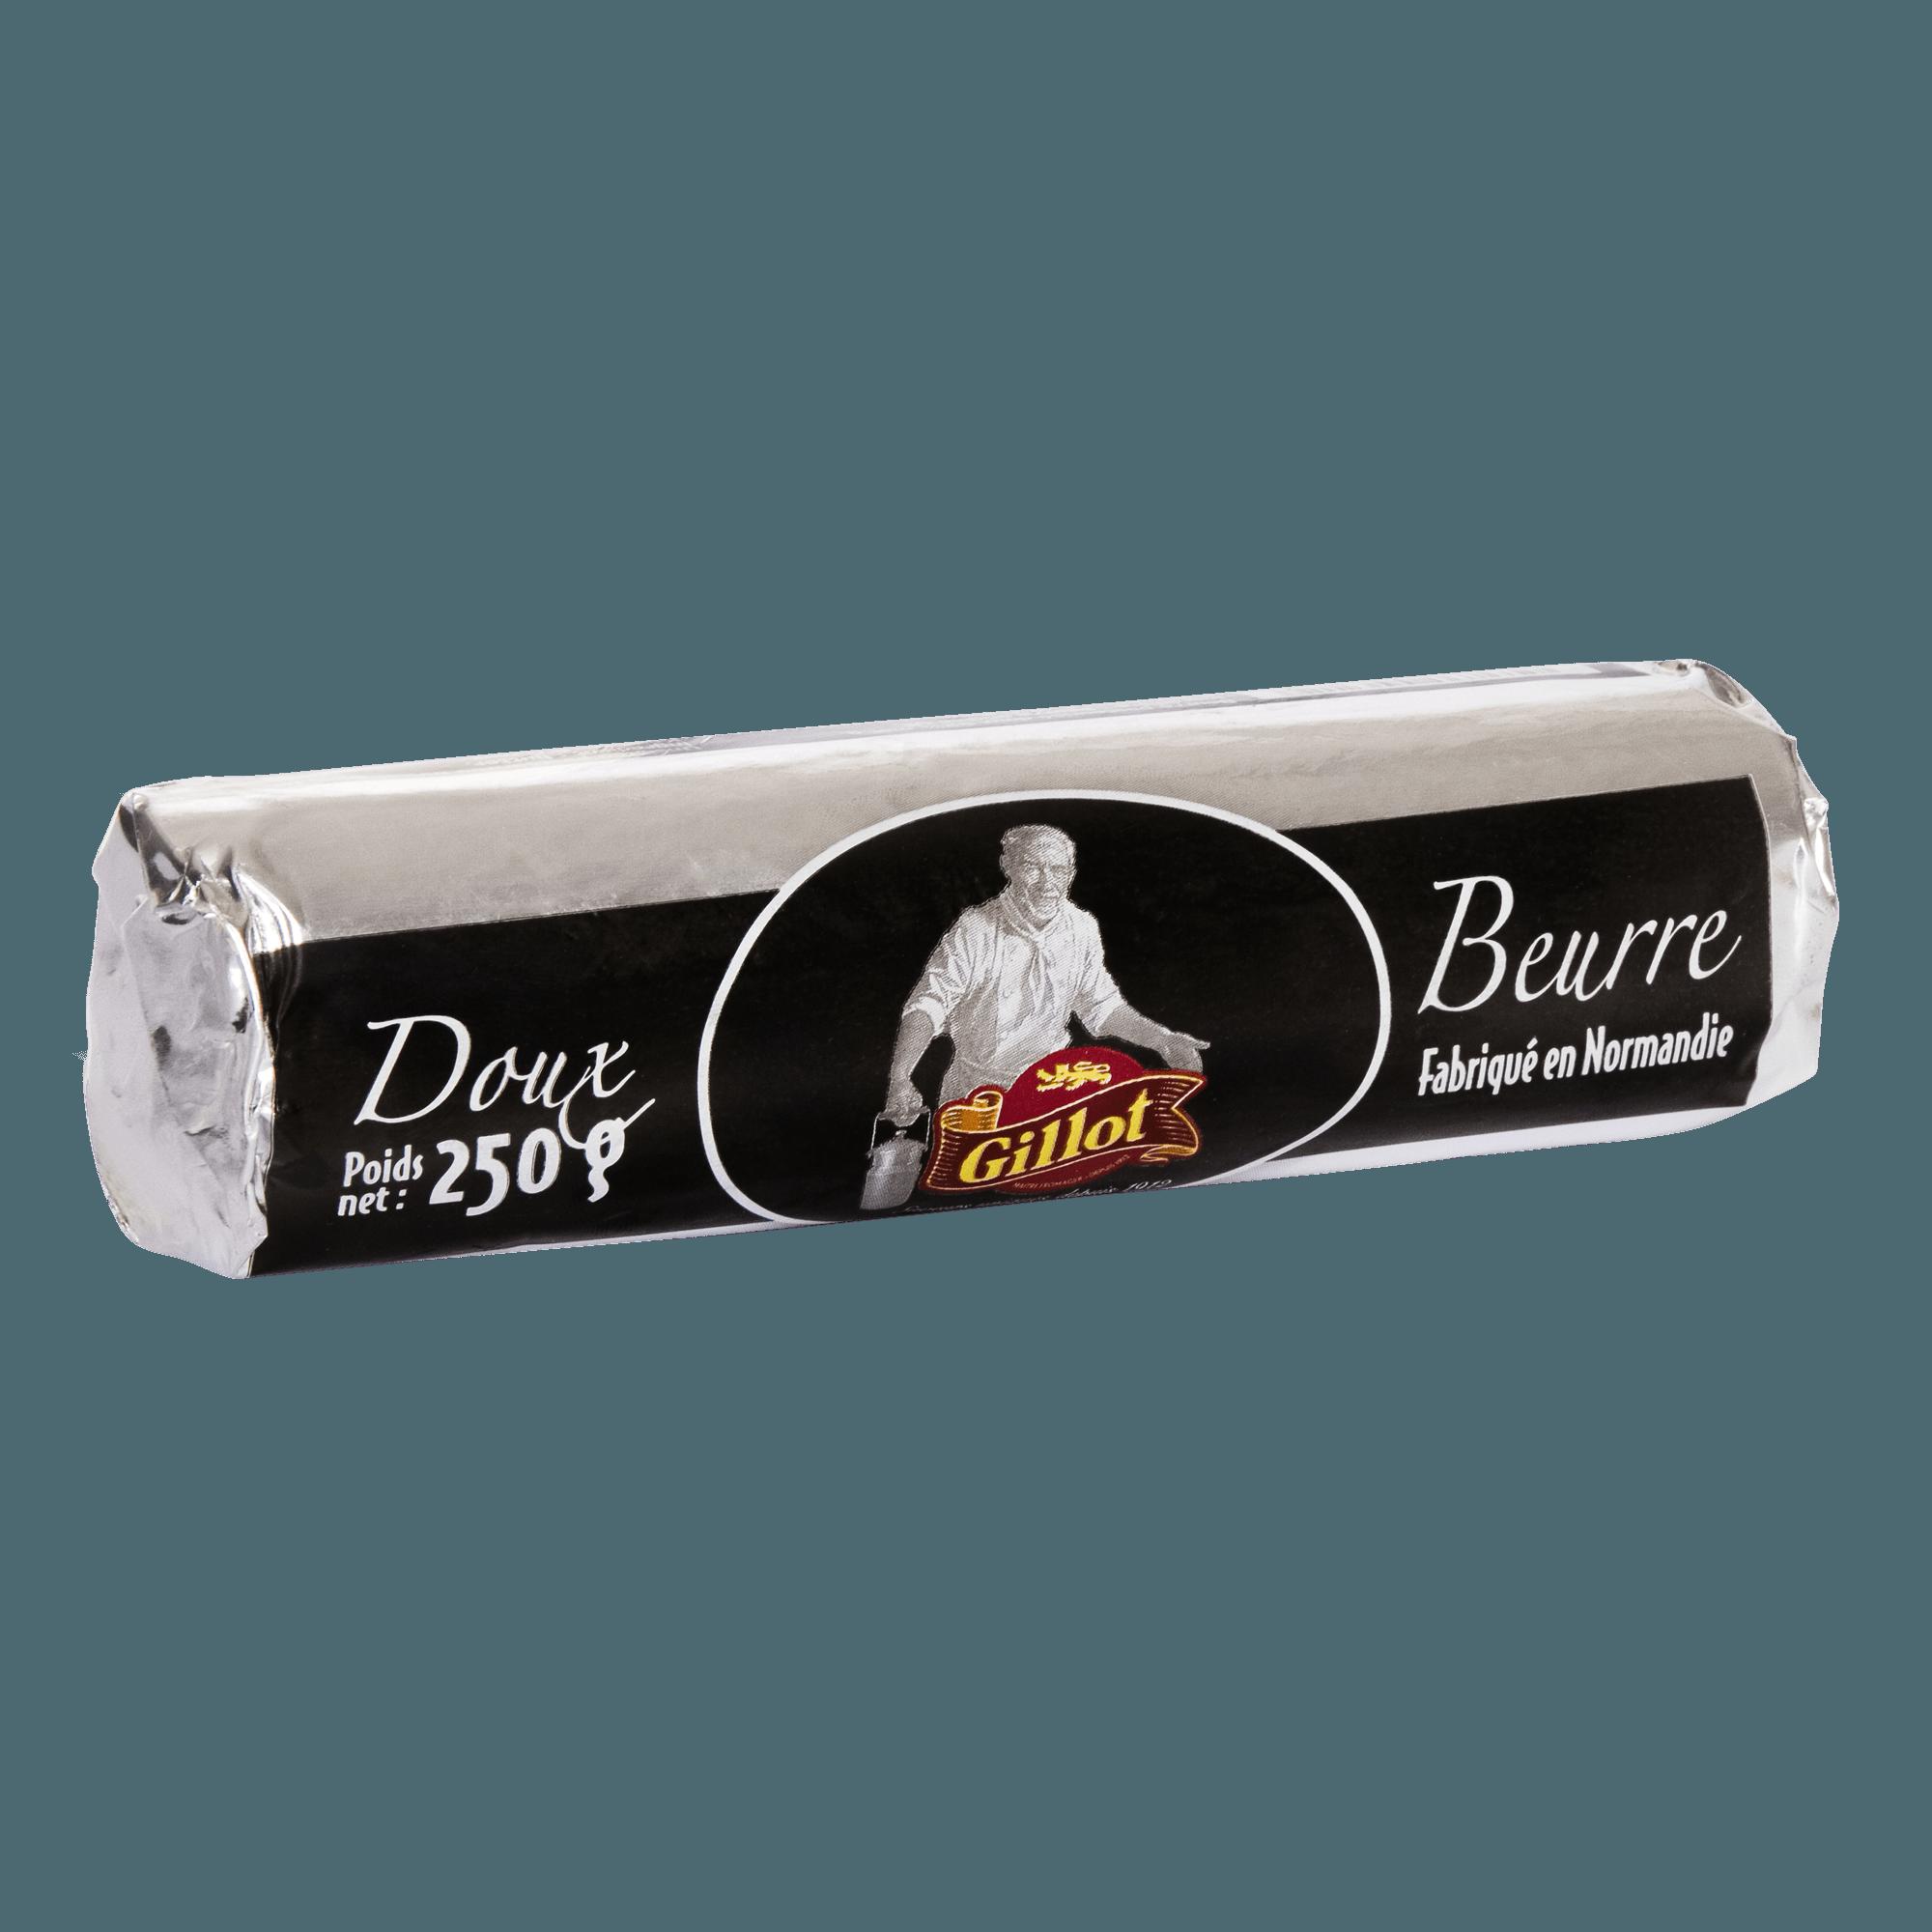 beurre rouleau doux